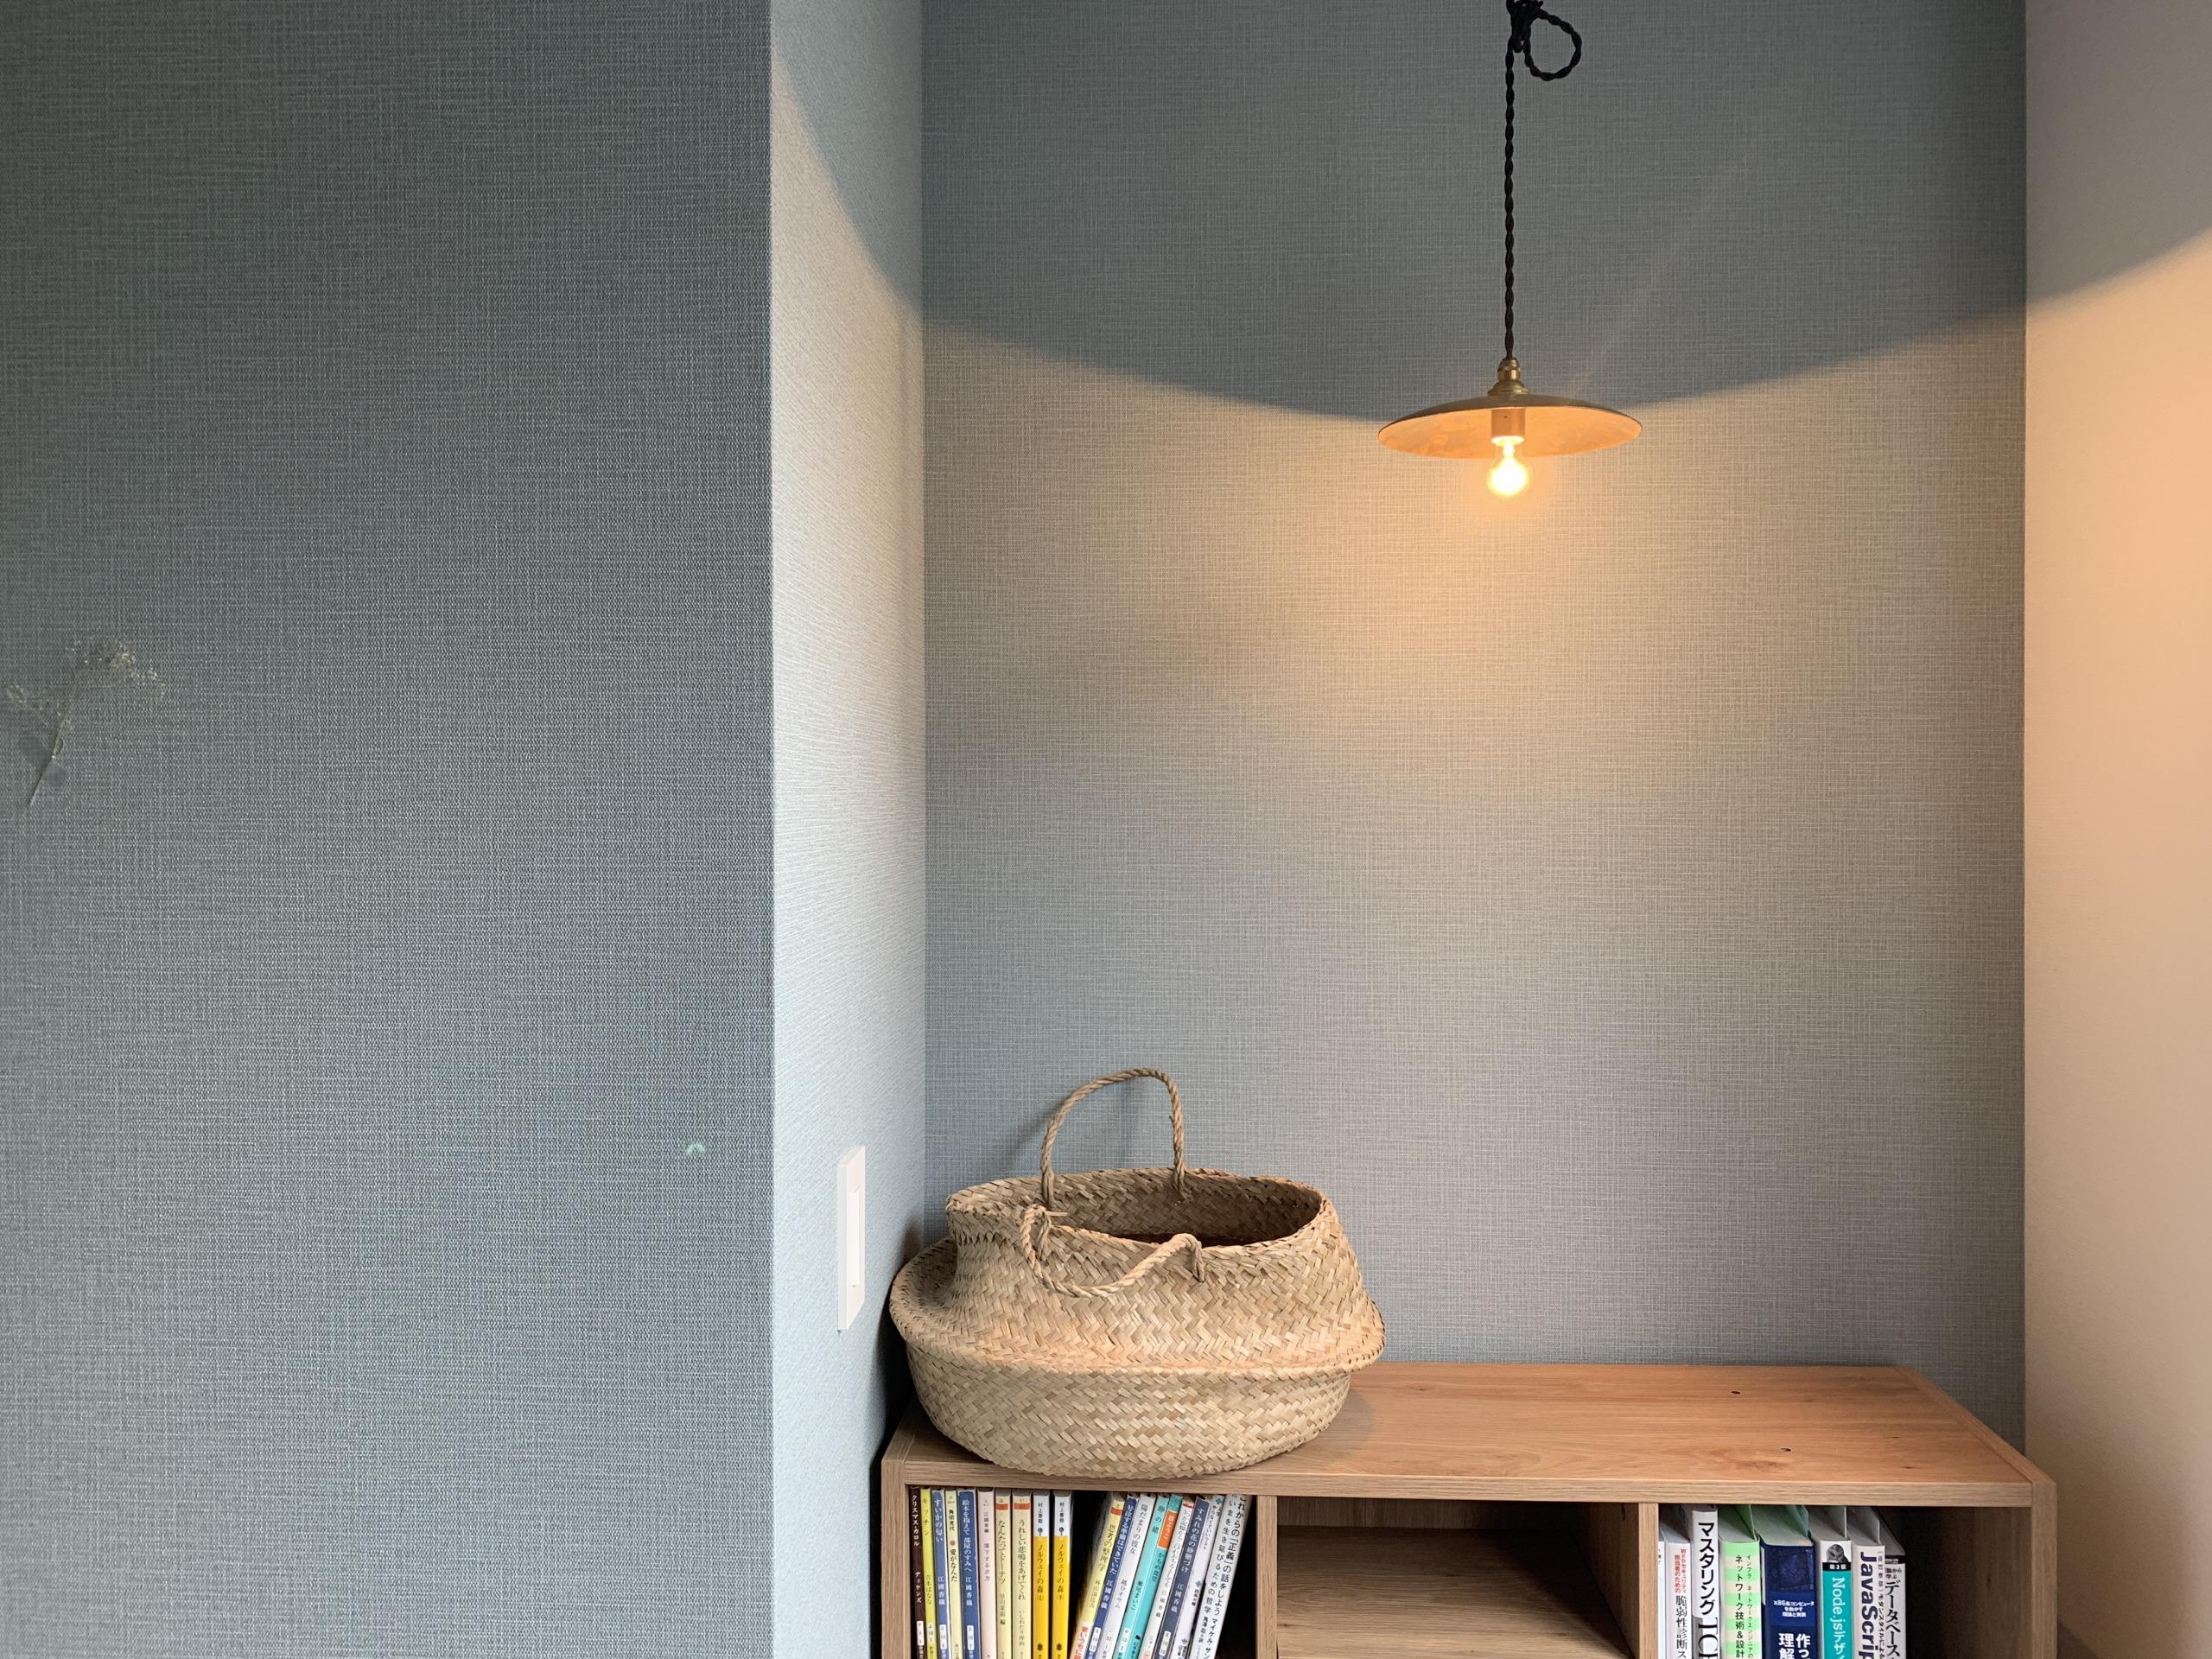 経年変化も楽しめる、真鍮のシェードランプでお部屋の雰囲気が変わりました